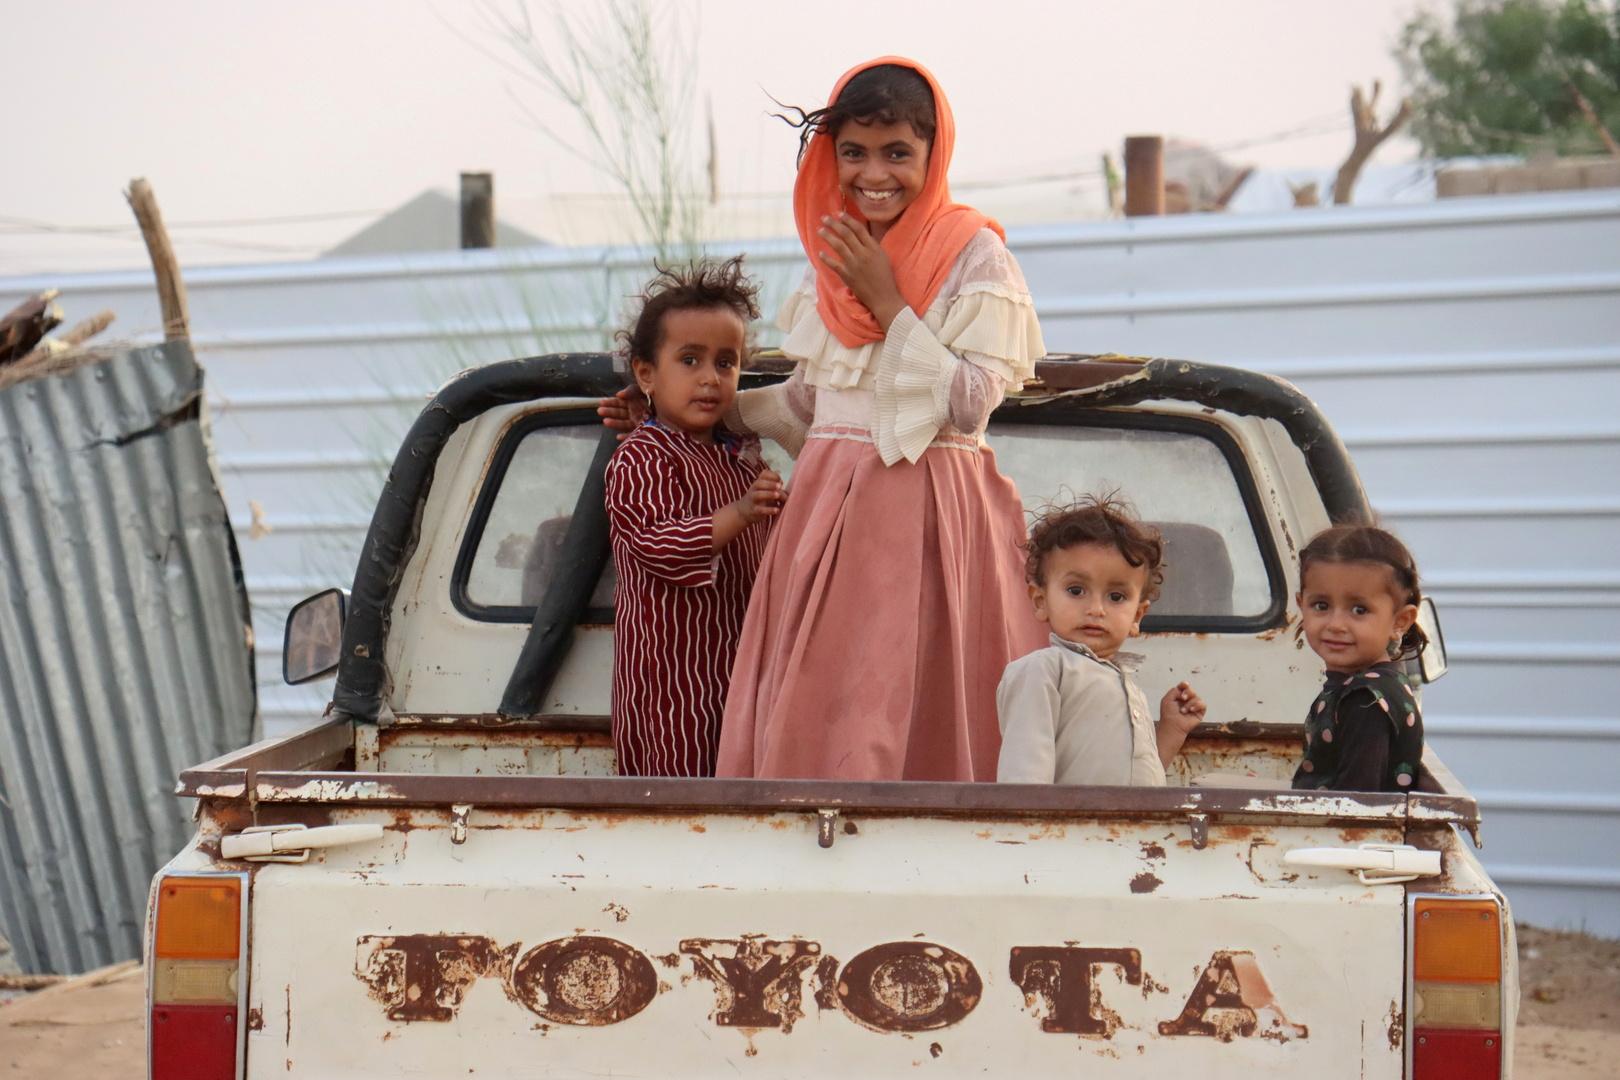 الأمم المتحدة: معركة مأرب تسببت بنزوح 10 آلاف شخص في سبتمبر